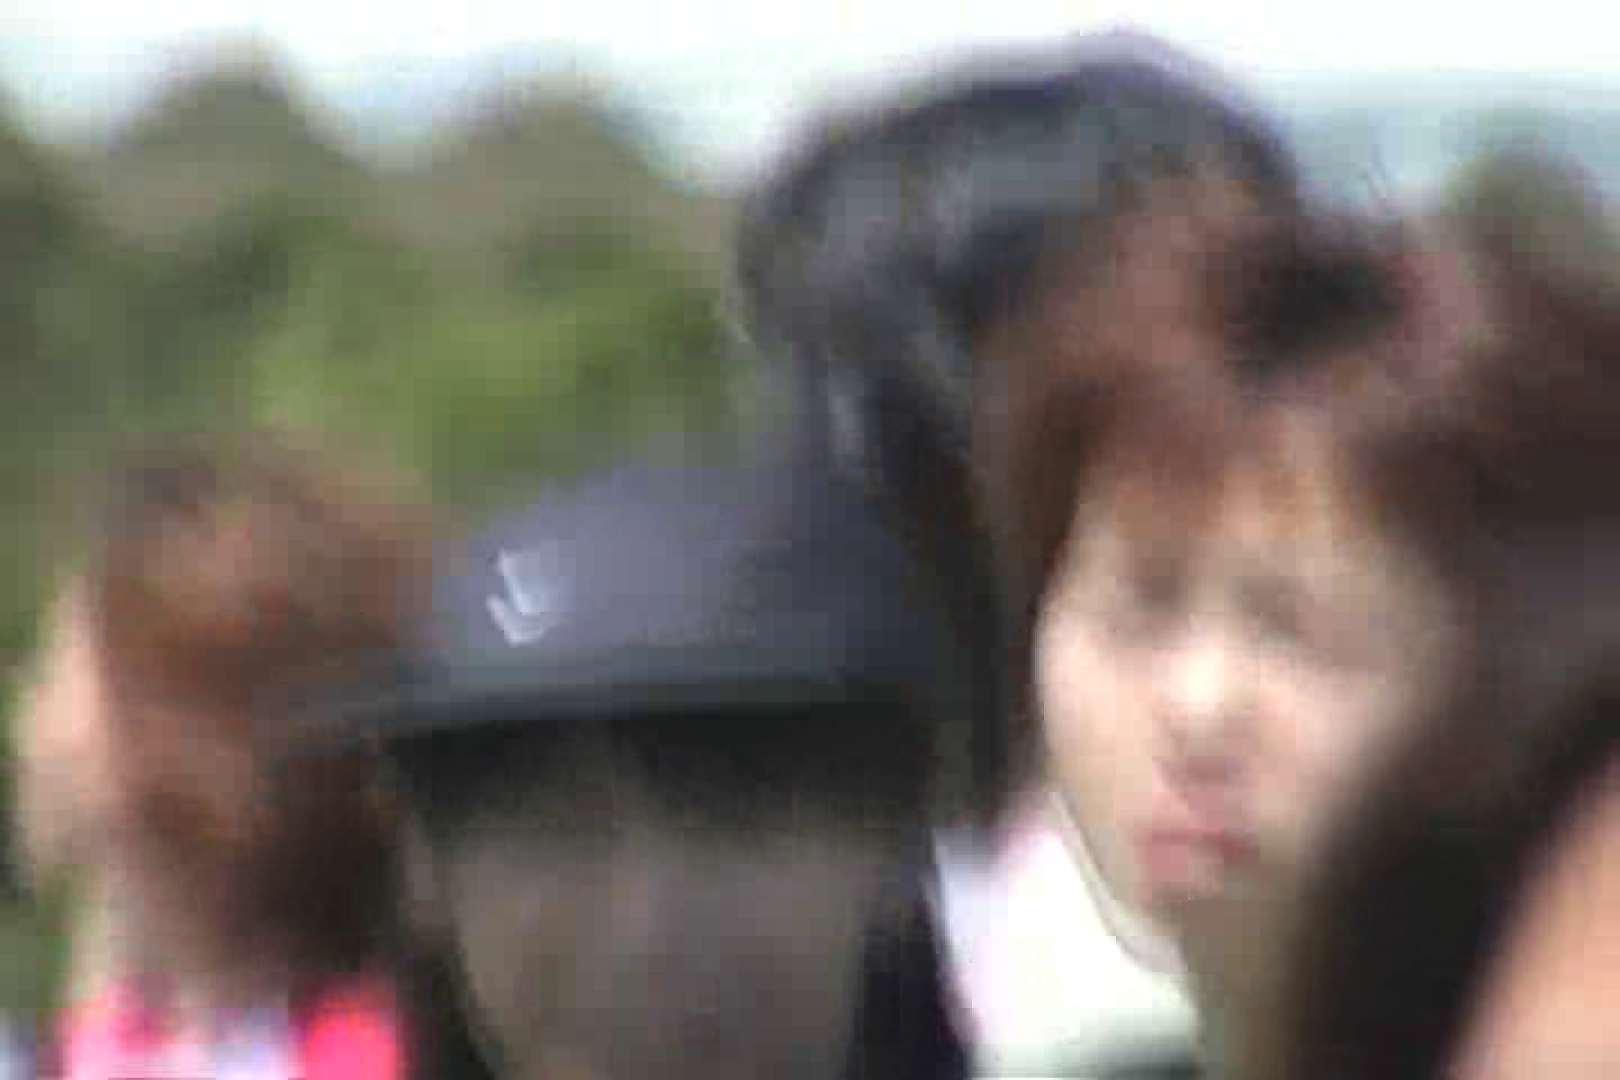 鉄人レース!!トライアスロンに挑む女性達!!Vol.6 コスチューム  75画像 62